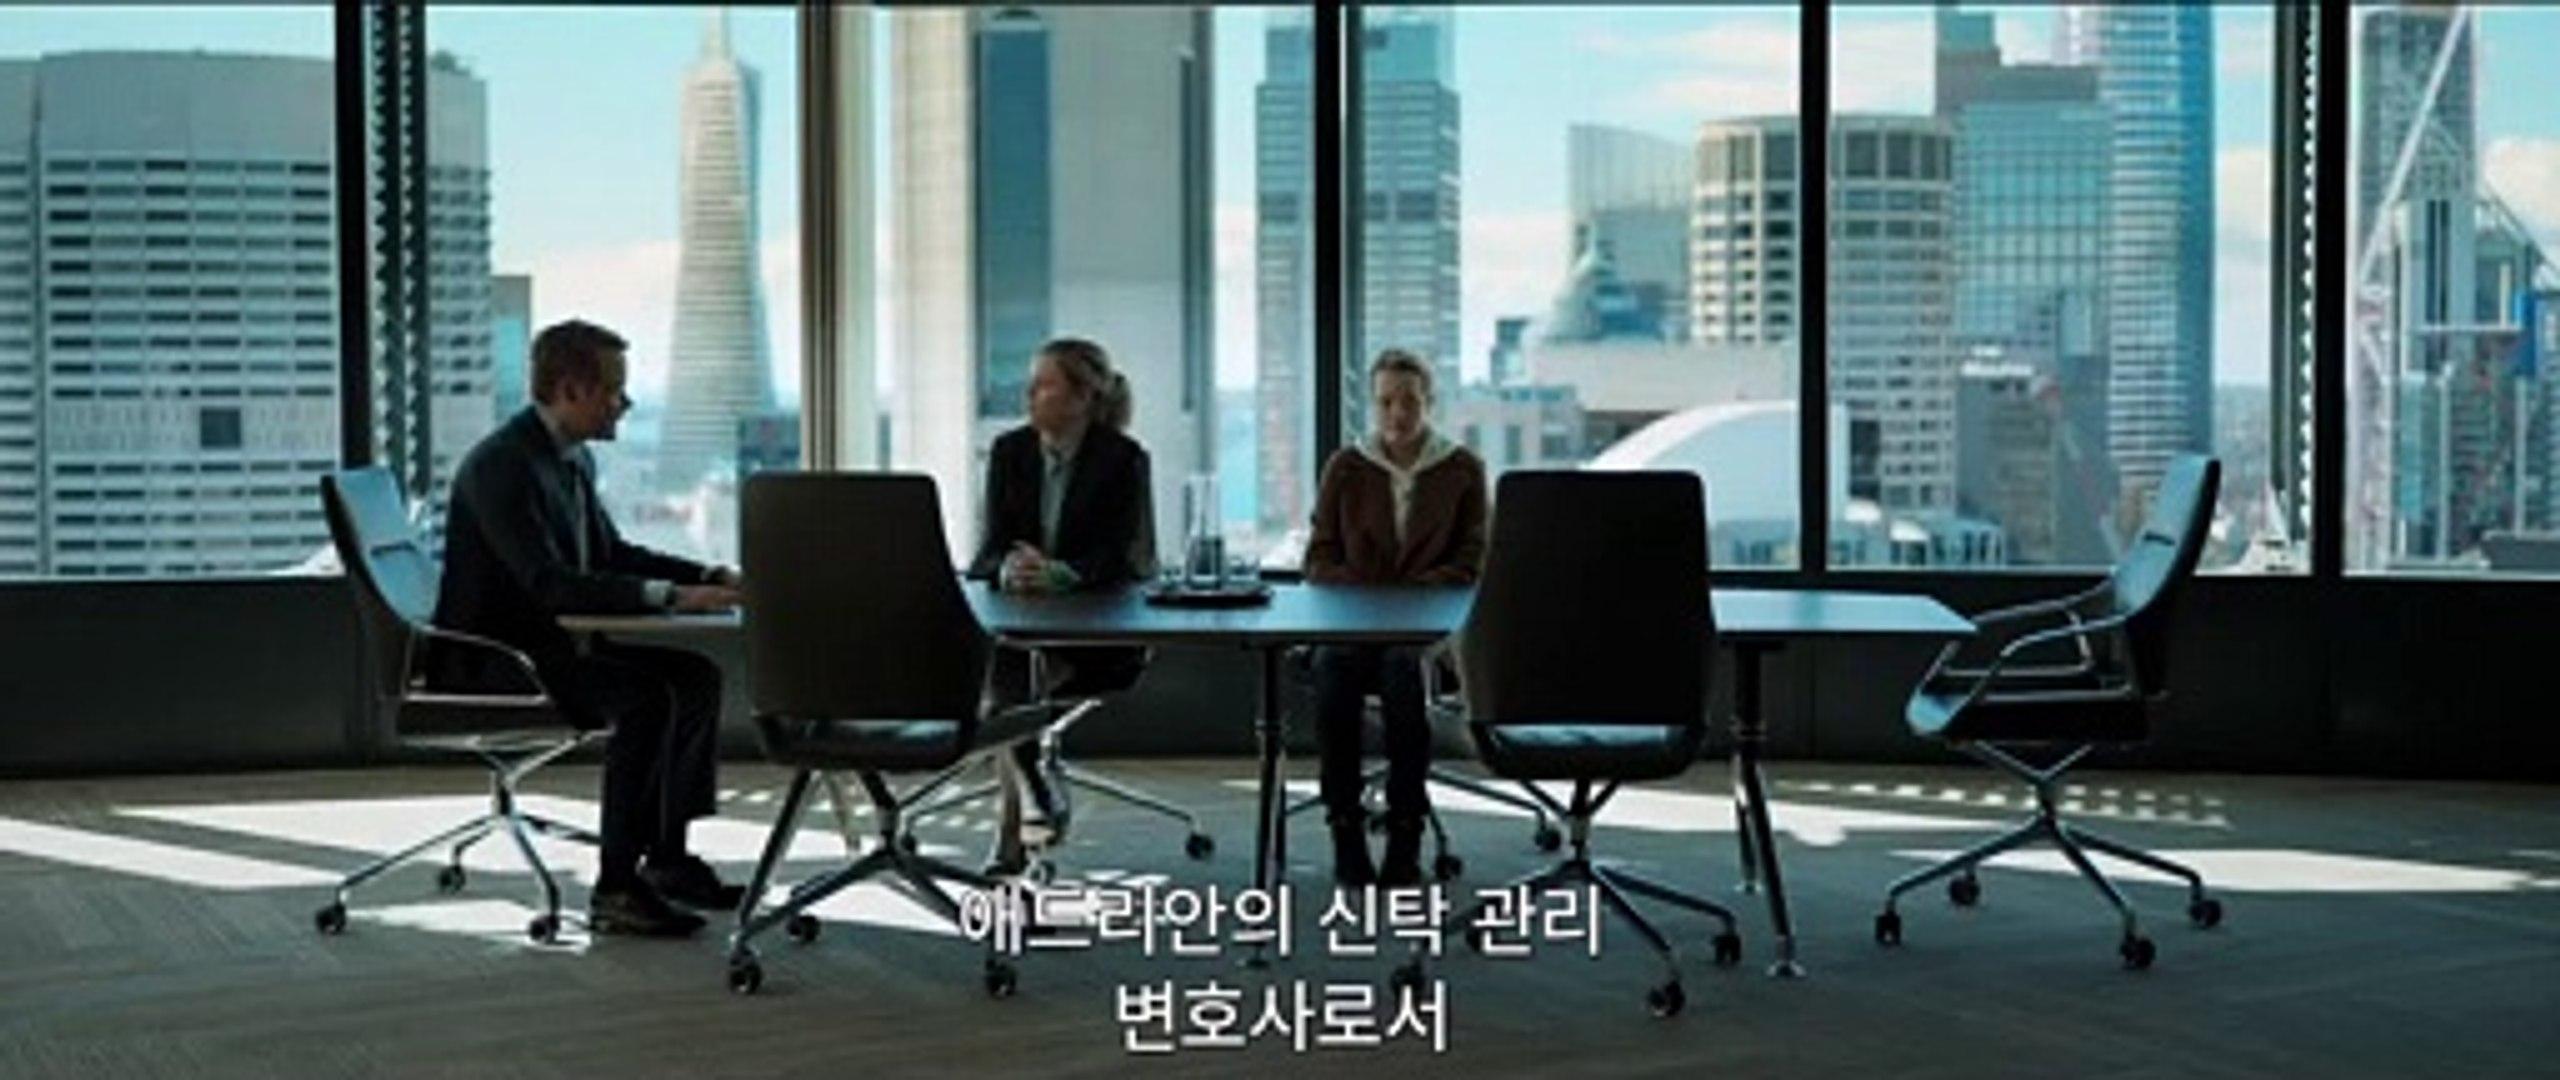 영화 [인비저블맨]